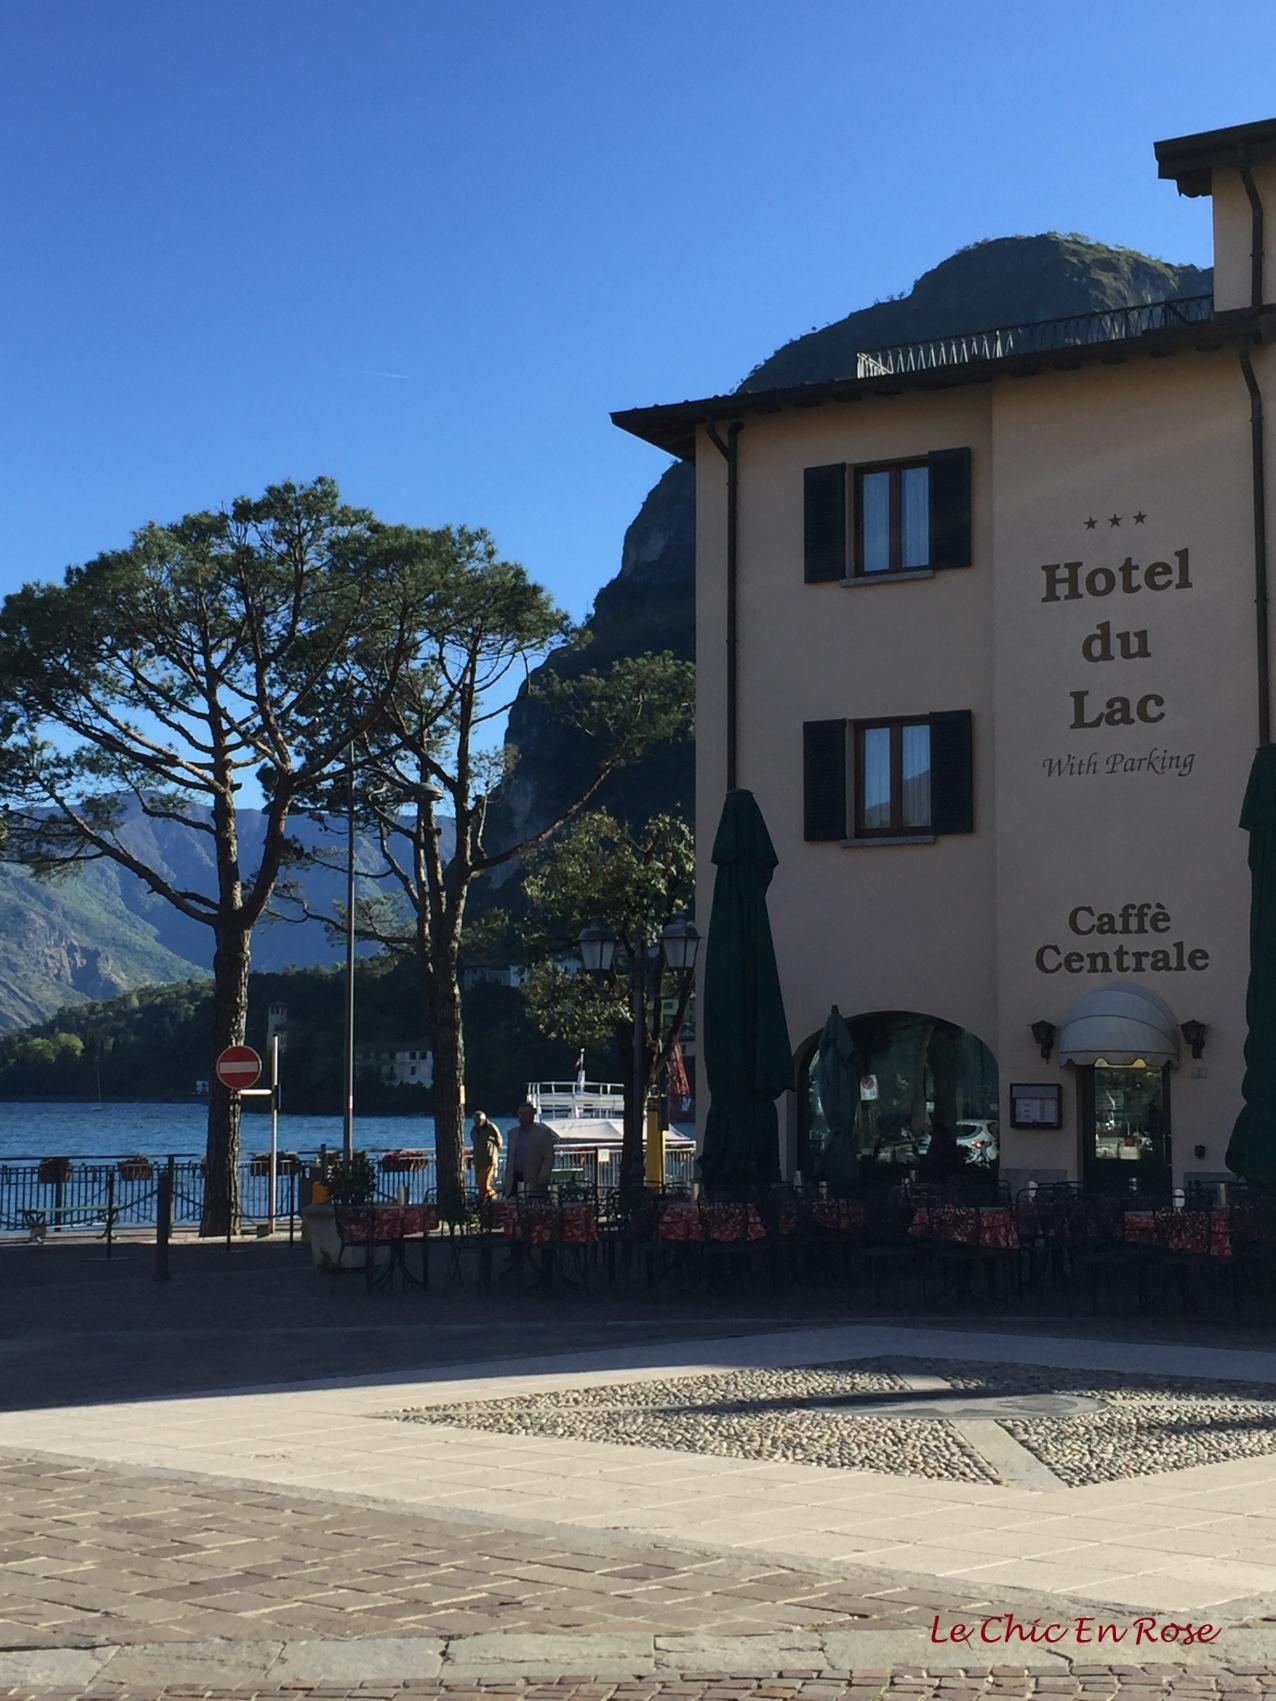 View Across The Square To Hotel Du Lac Menaggio